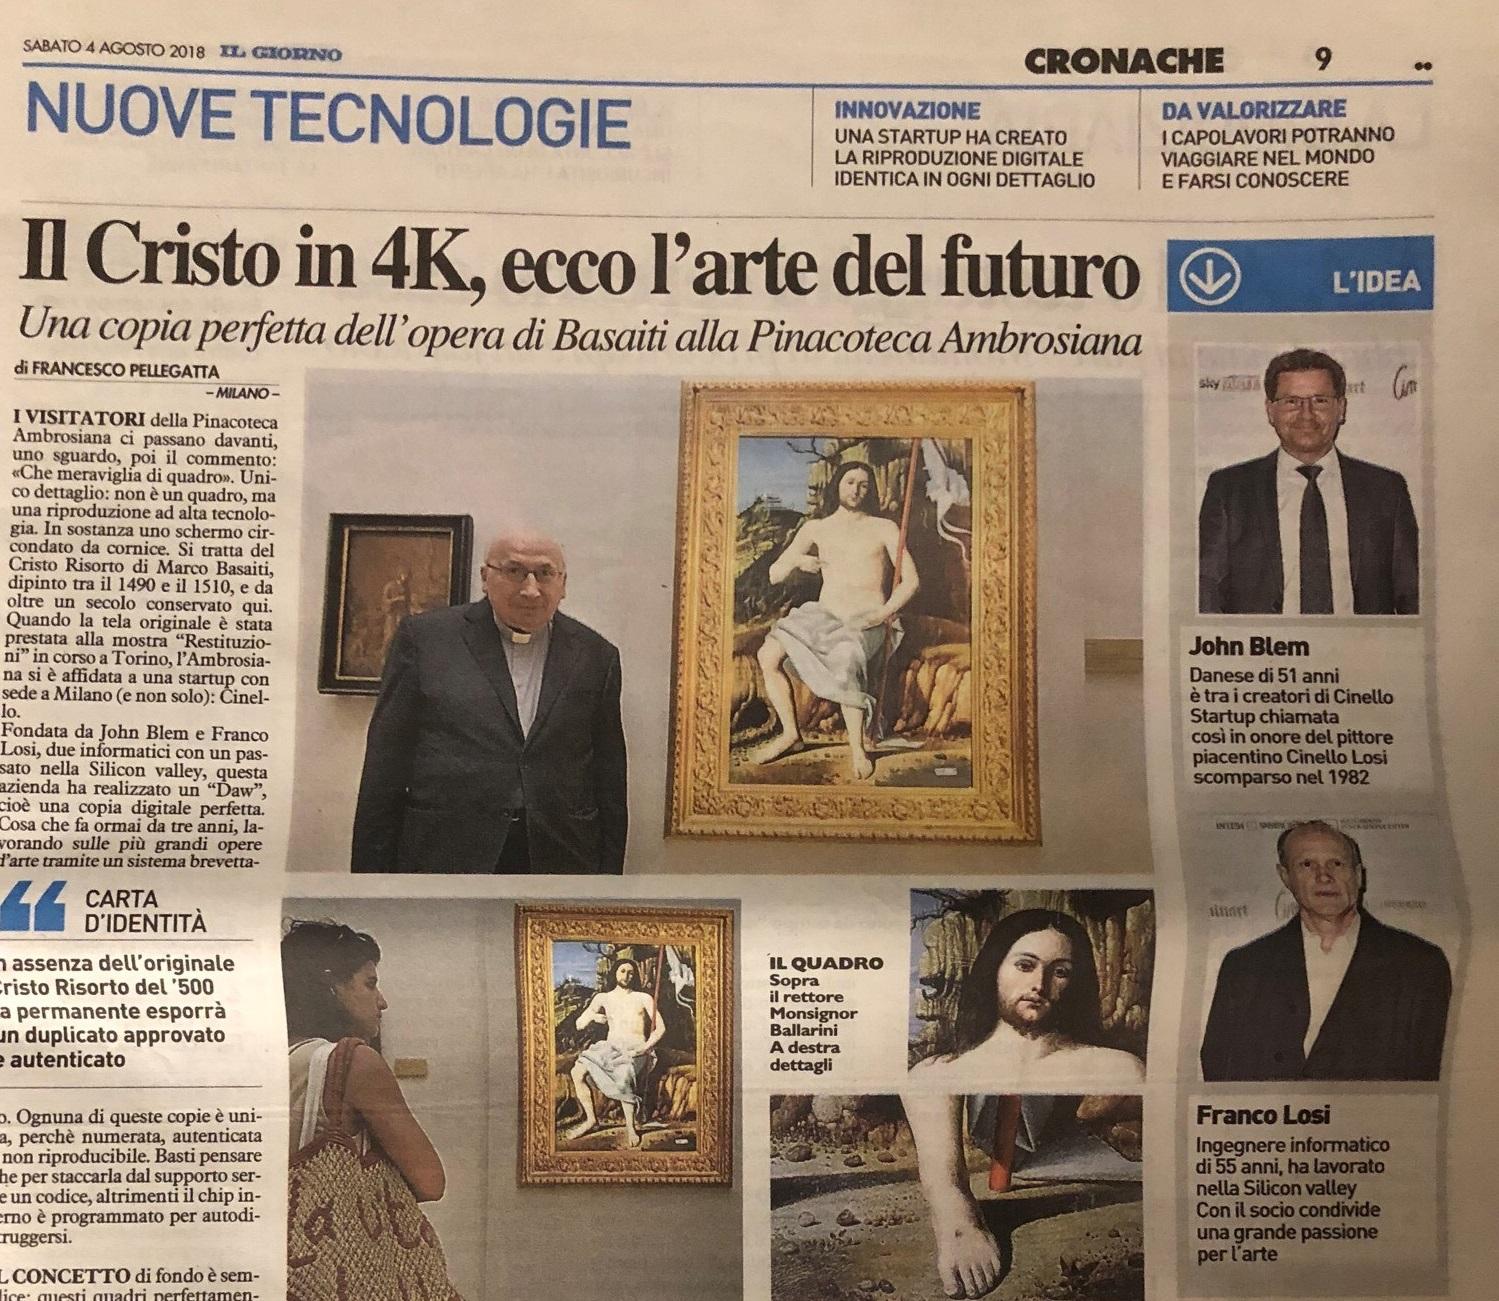 Il Cristo in 4K,ecco l'arte del futuro